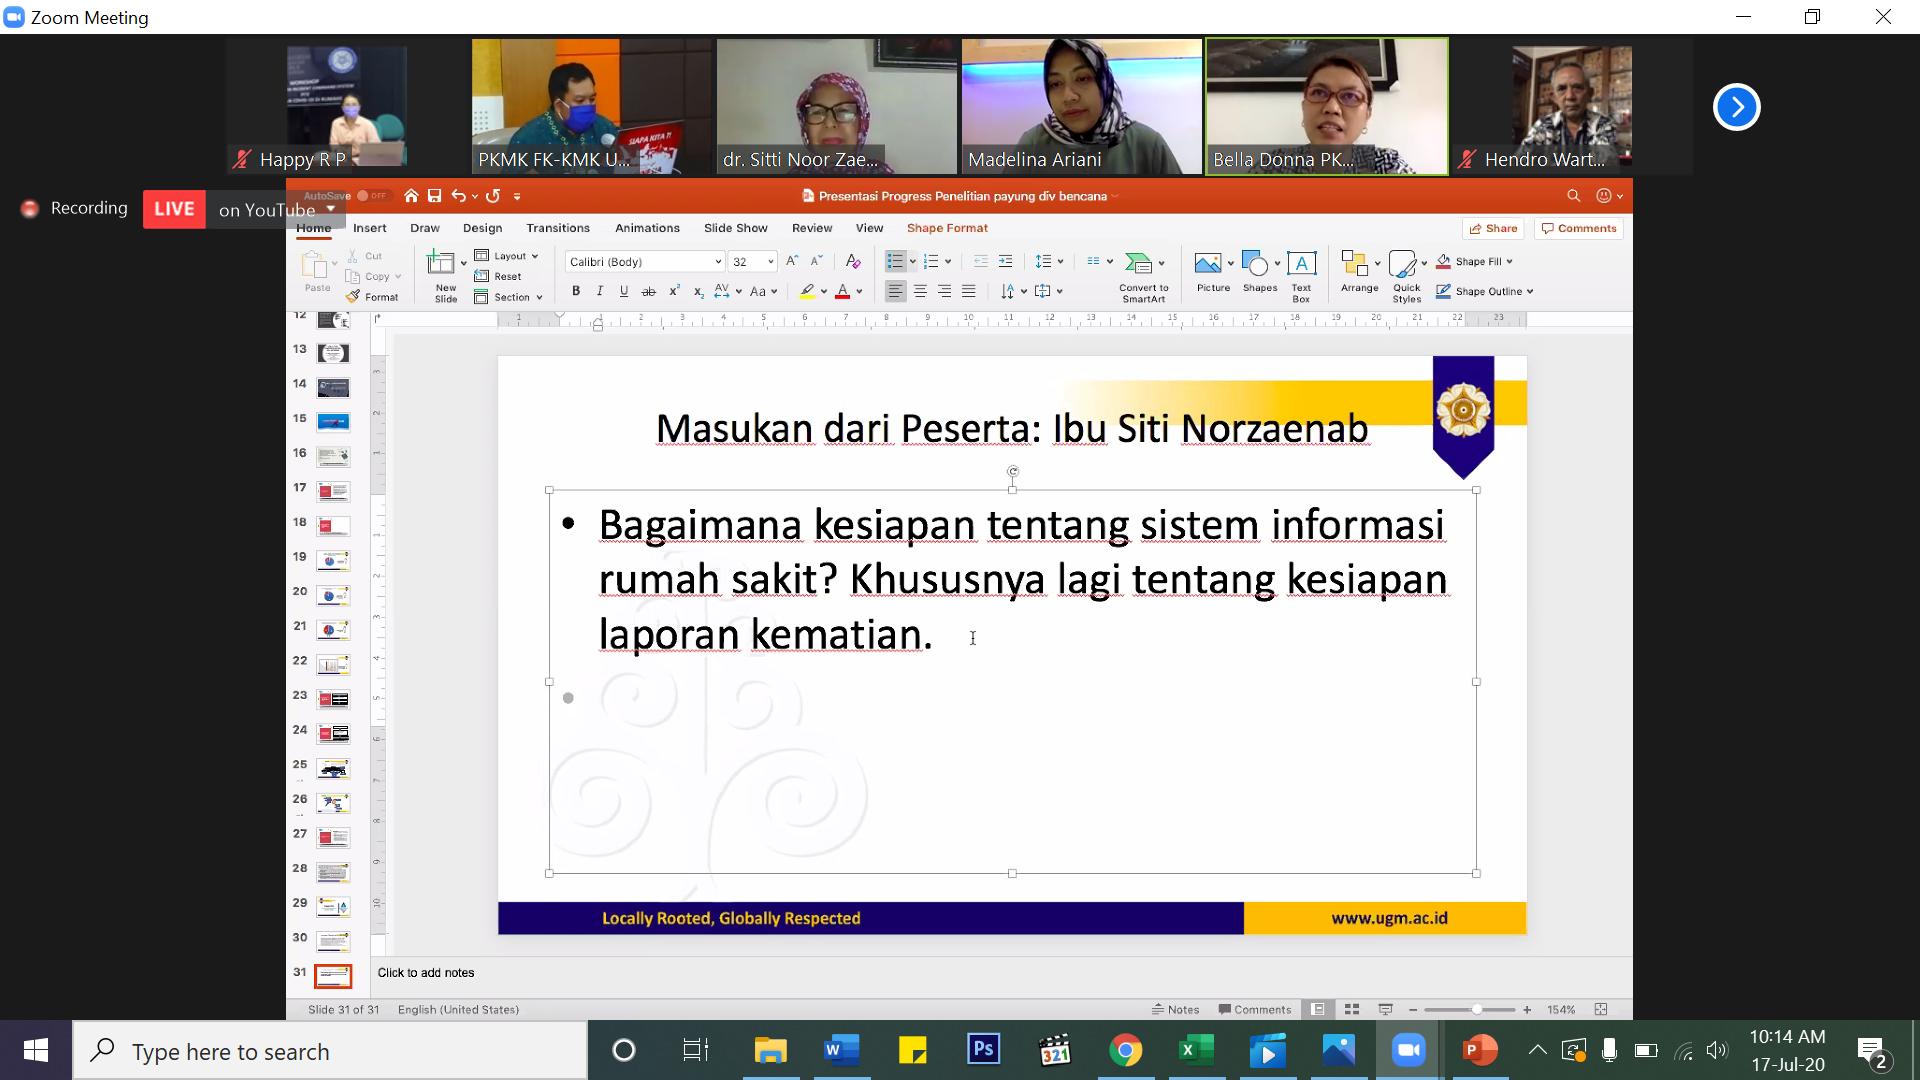 Presentasi Progress Proposal Penelitian Kajian Kesiapsiagaan Rumah Sakit Dalam Menghadapi Pandemi COVID-19 Berbasis Sistem Komando di Wilayah DIY dan DKI Jakarta